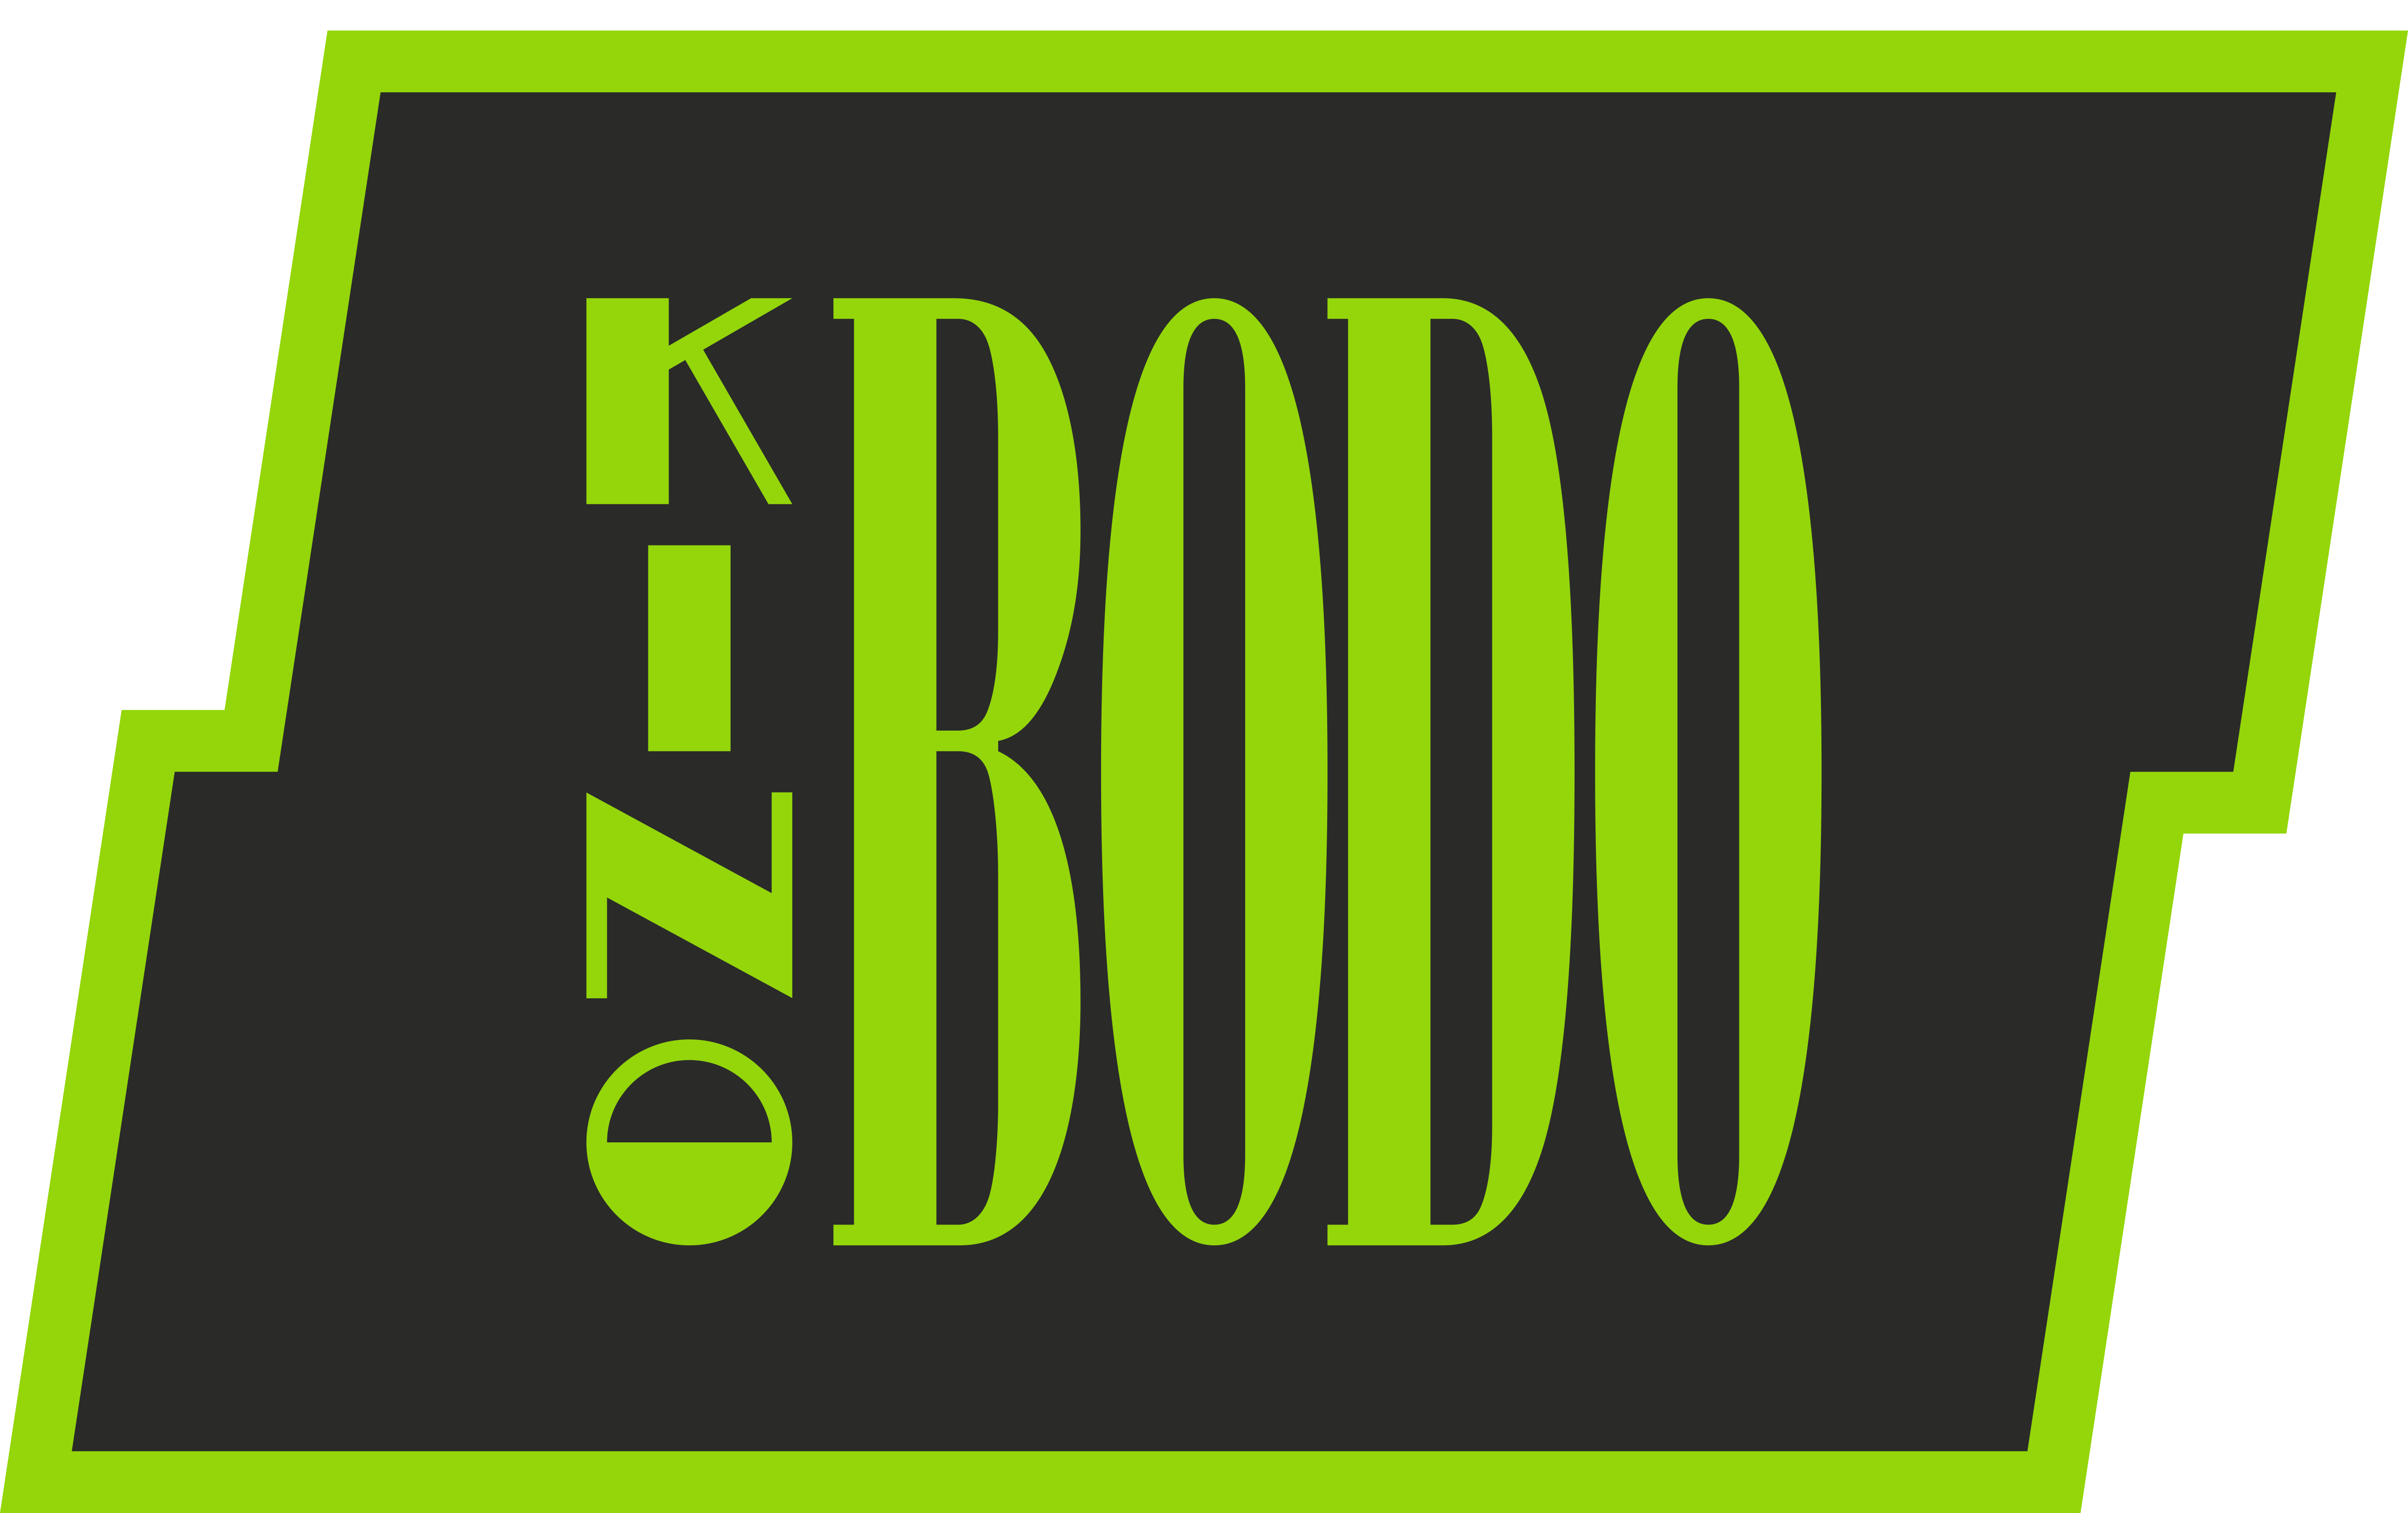 05_Logo_kina_BODO